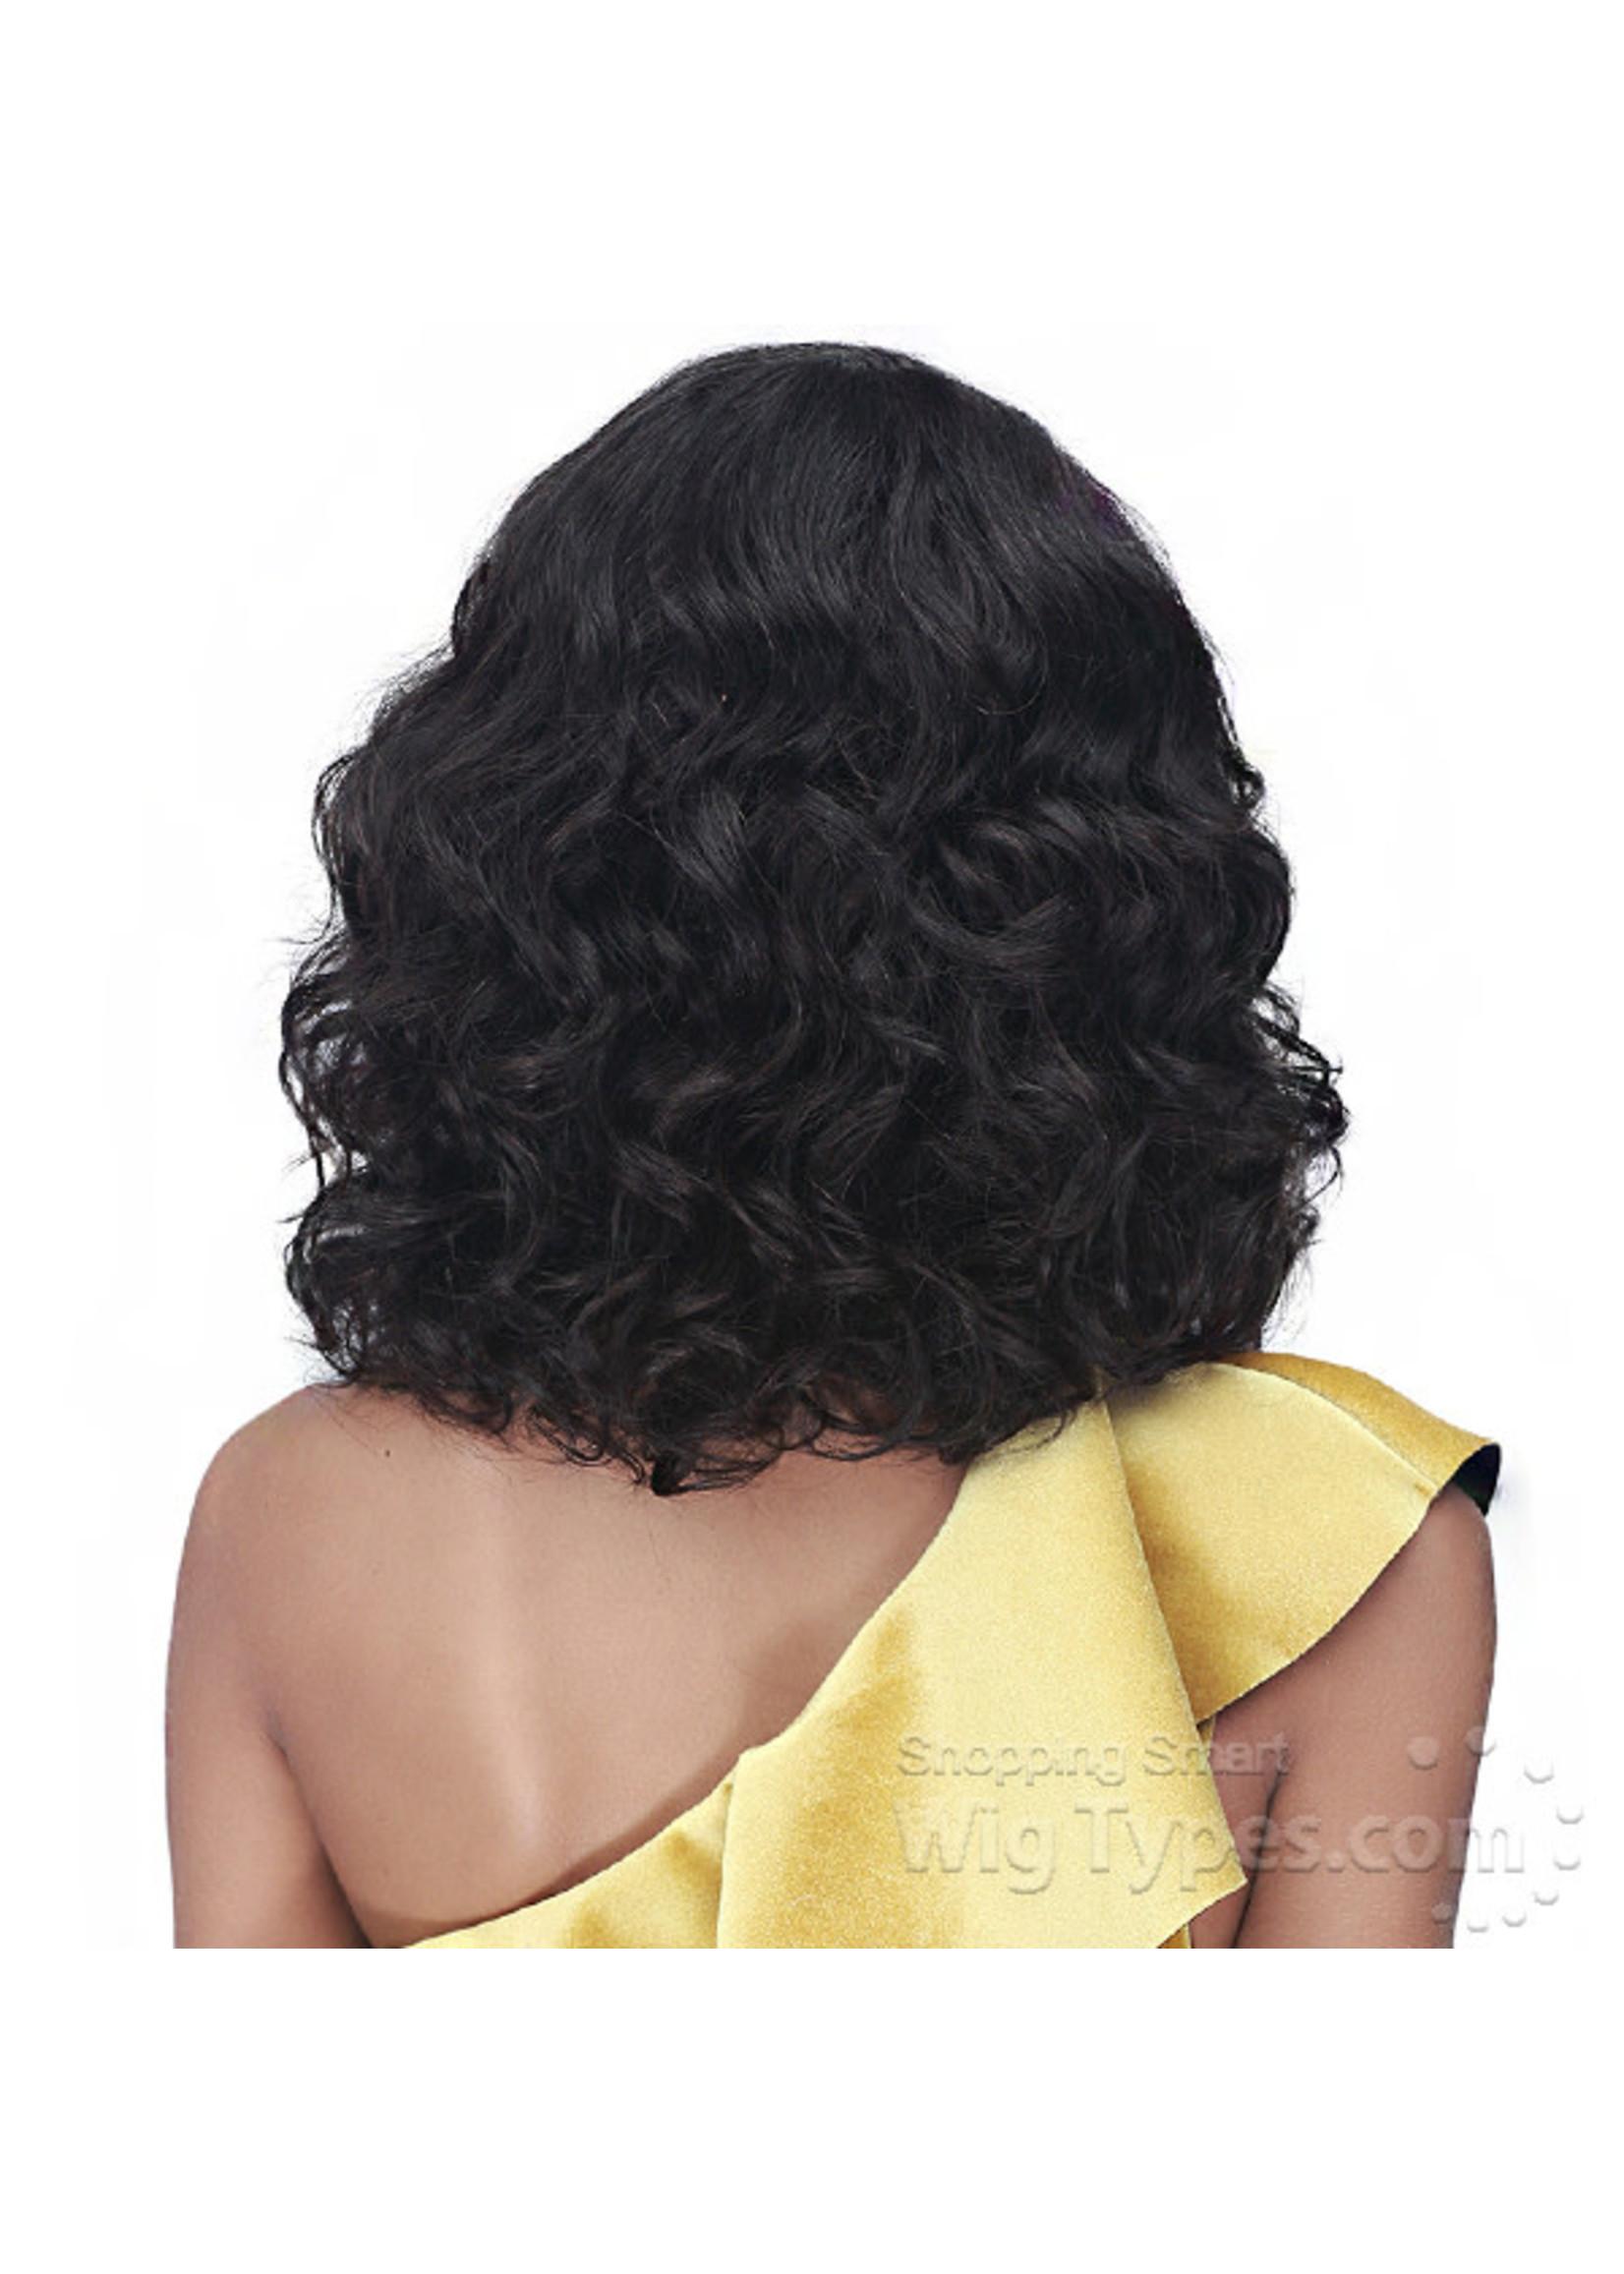 Bobbi Boss Boss Lace HH Wig- Ansley